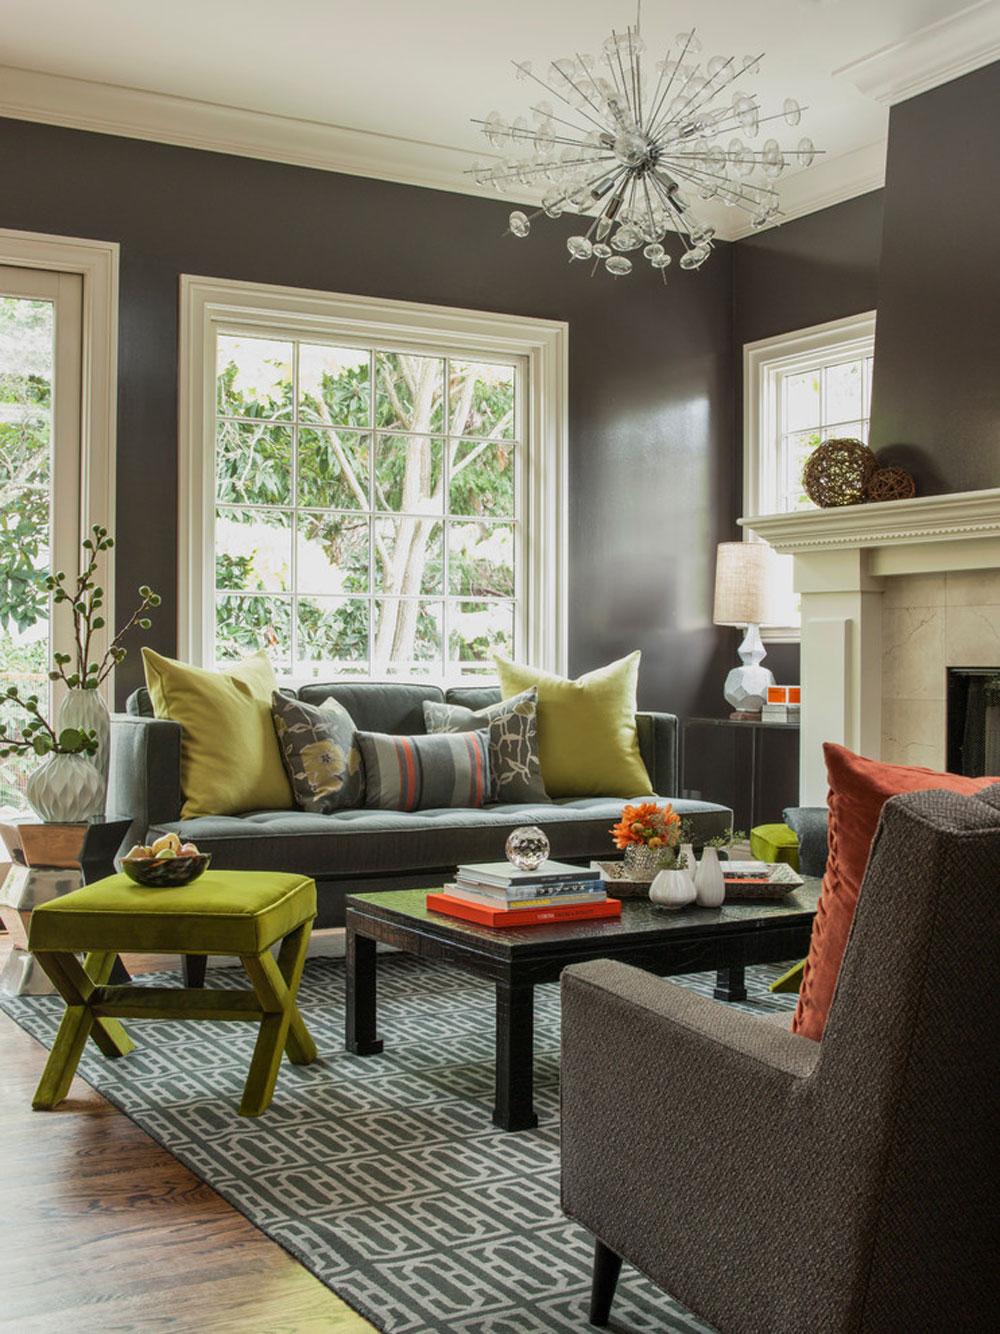 Funky-och-roligt-vardagsrum-av-Ann-Lowengart-Interiors-2 Liten lägenhet vardagsrum idéer på en budget